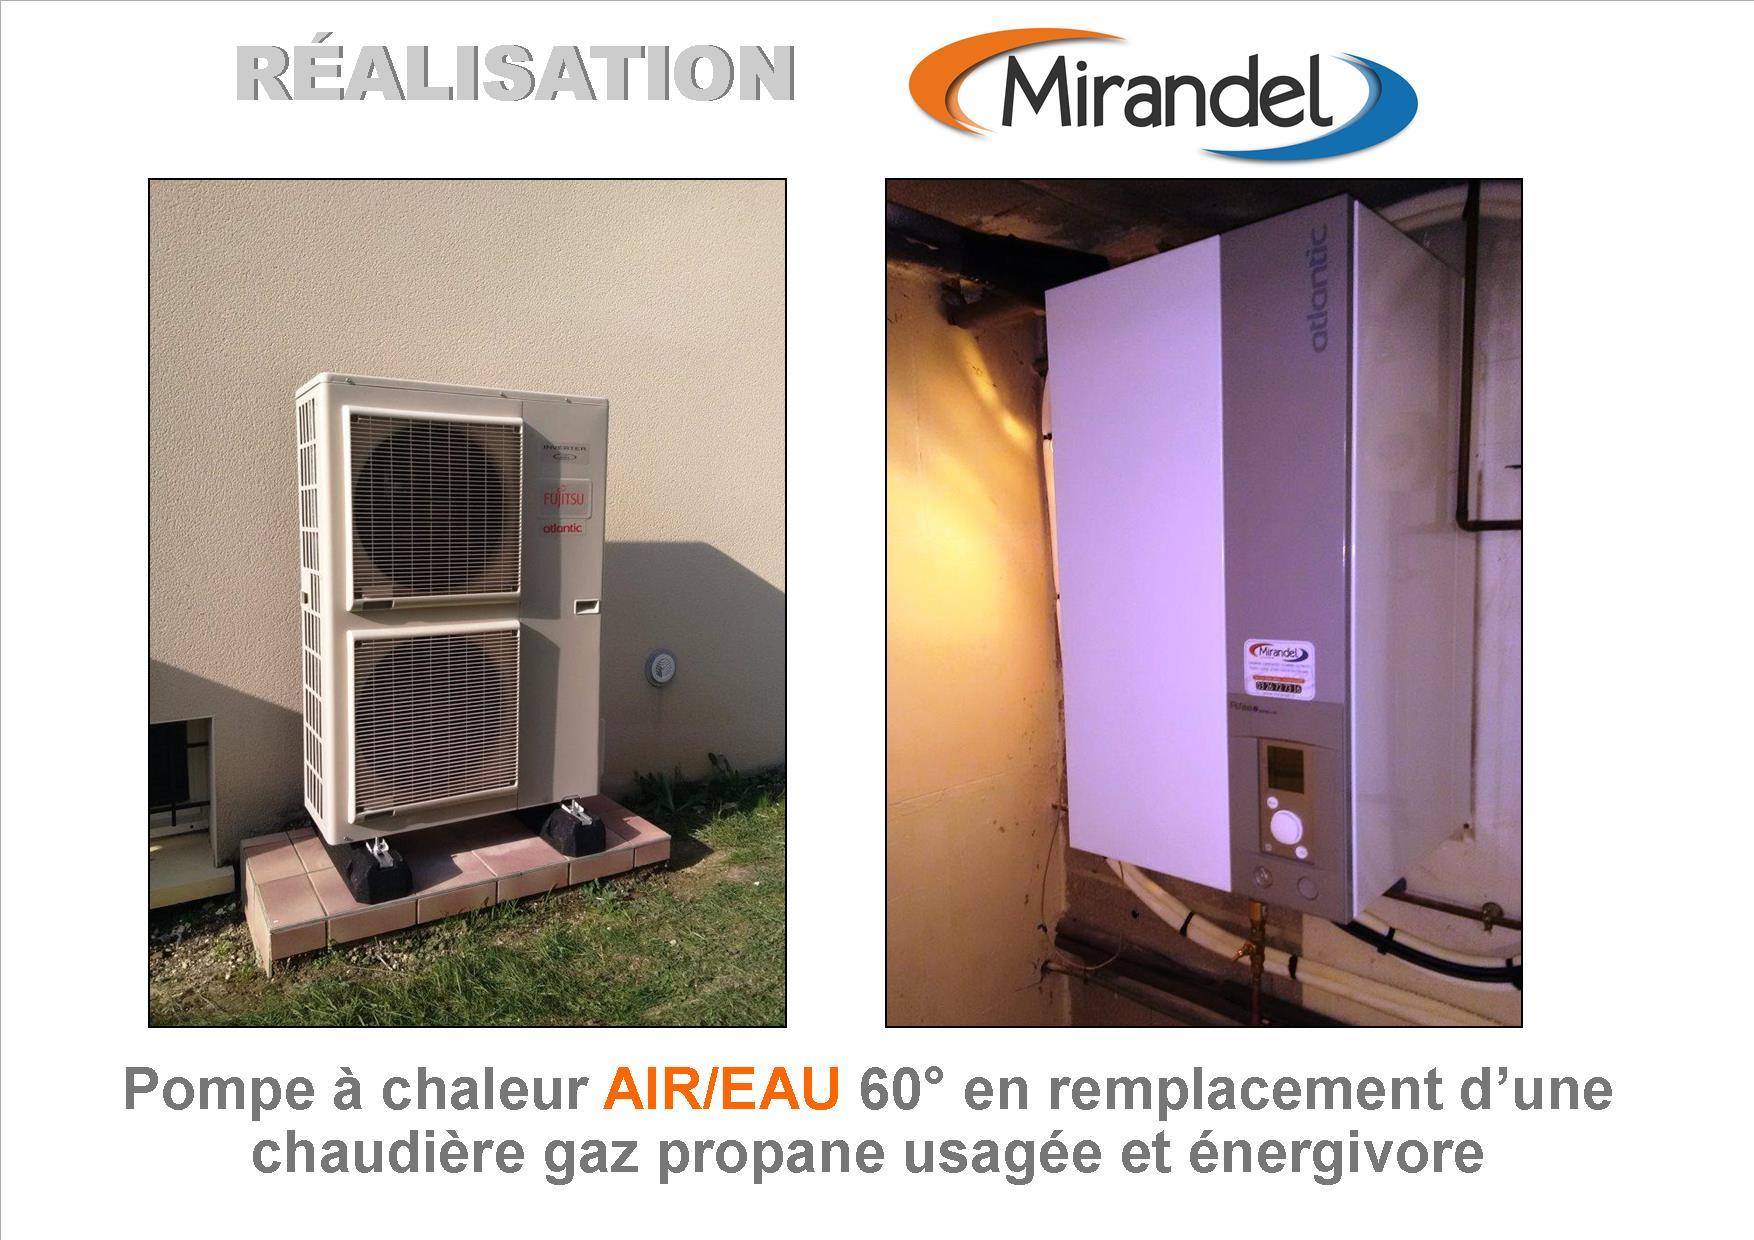 Remplacement chaudière gaz propane usagée par pompe à chaleur air eau à MAISONS EN CHAMPAGNE (51300)